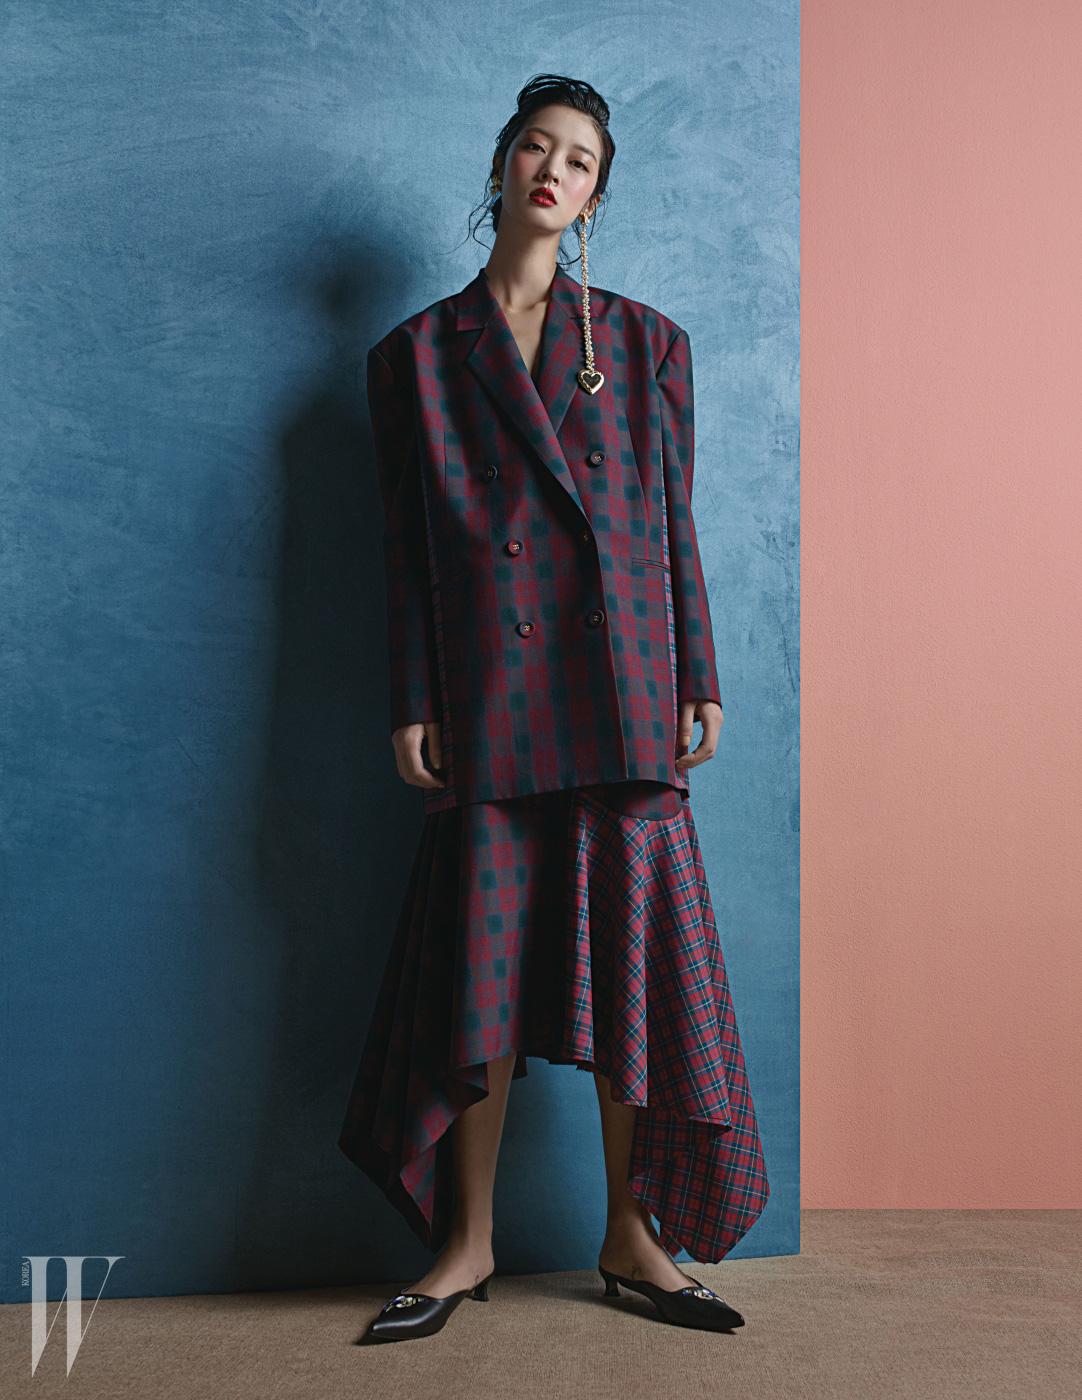 어깨가 넓은 체크무늬 재킷과 스커트, 진주 장식 비대칭 귀고리와 미드힐 슬리퍼는 모두 The Centaur 제품.